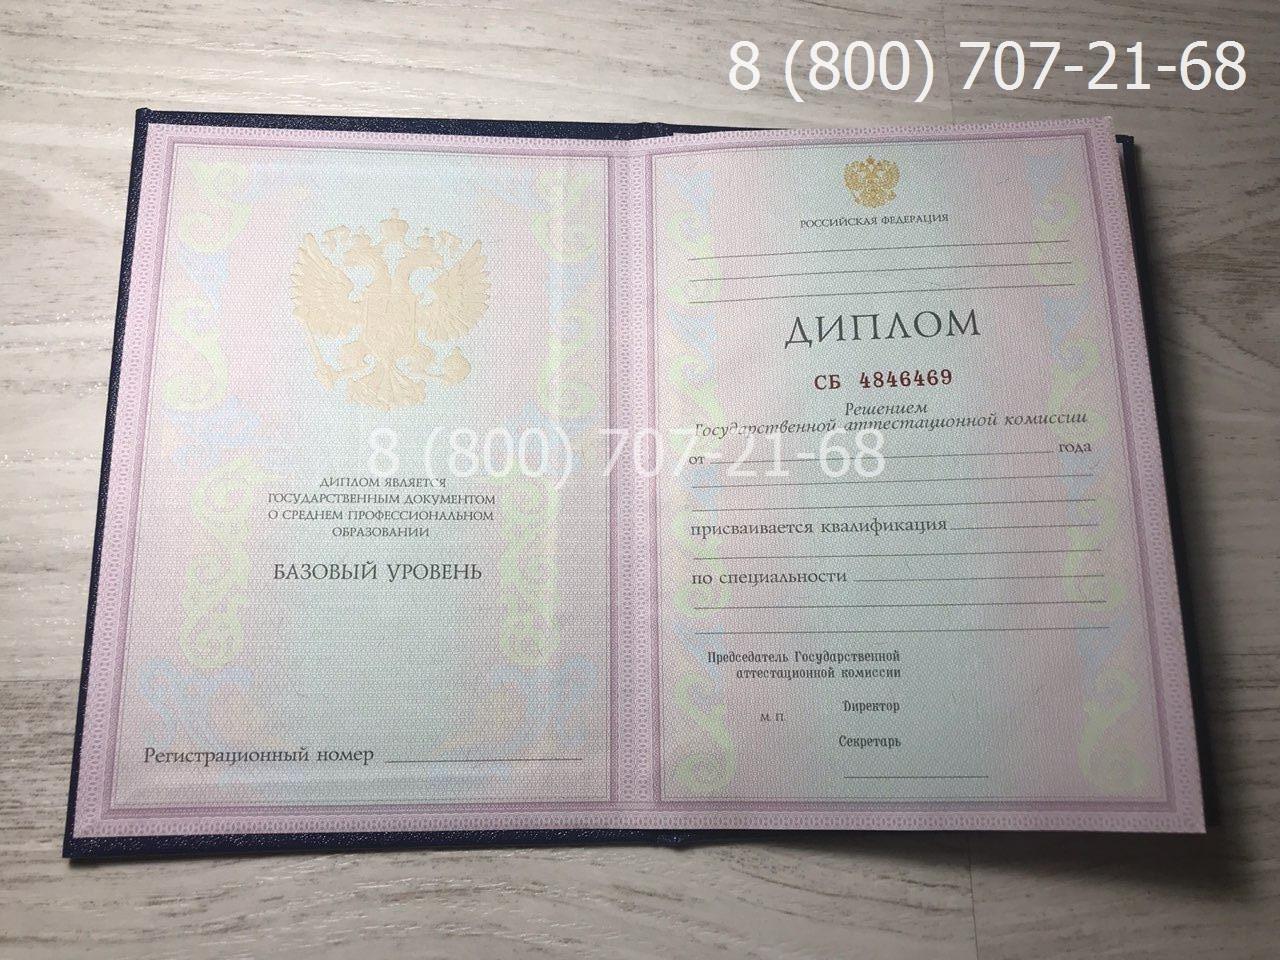 Диплом техникума 1997-2003 года 1